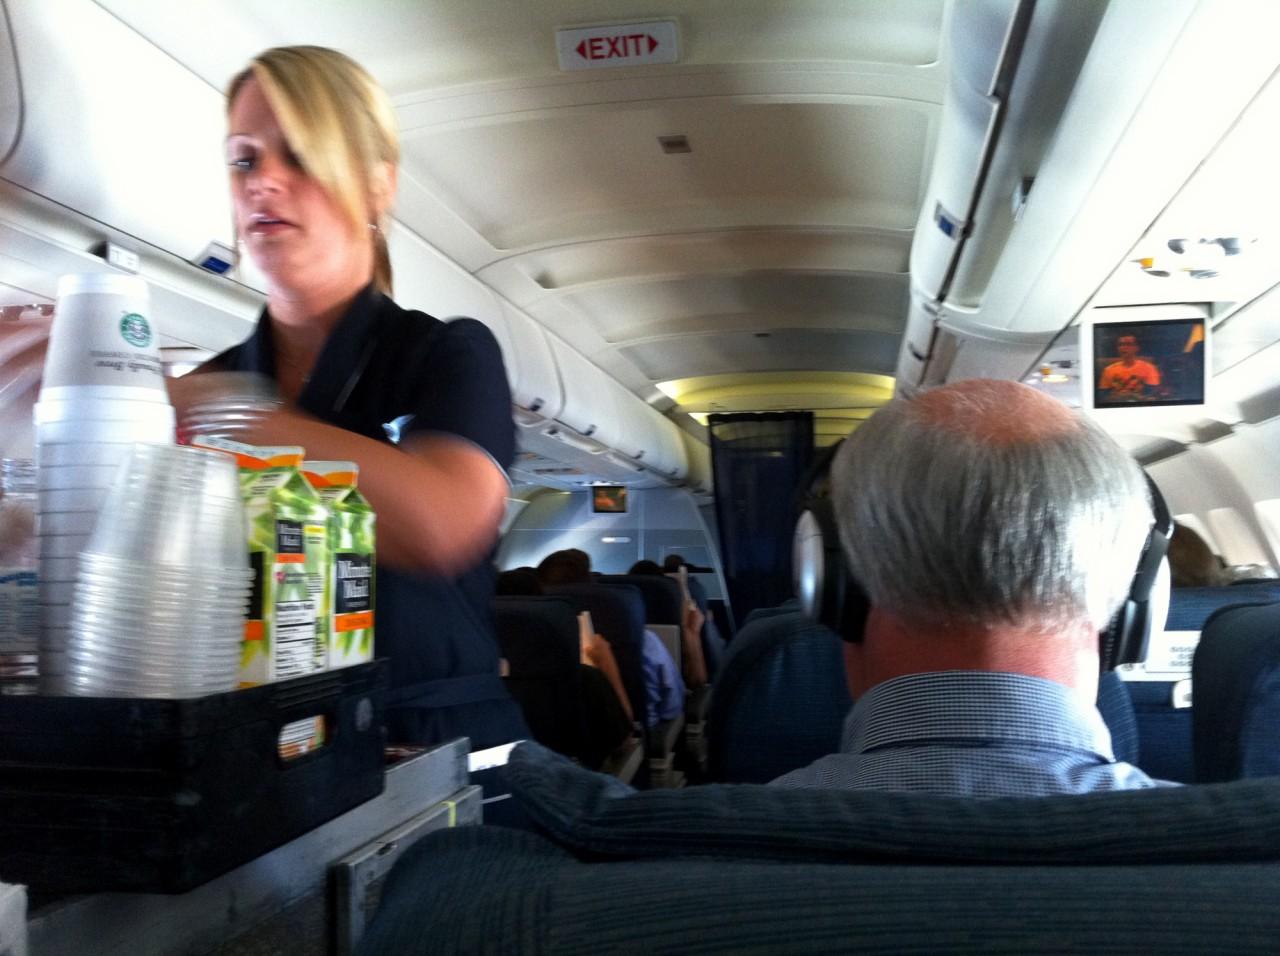 21 секрет, который не раскроет вам авиакомпания авиакомпания, пассажир, самолет, секрет